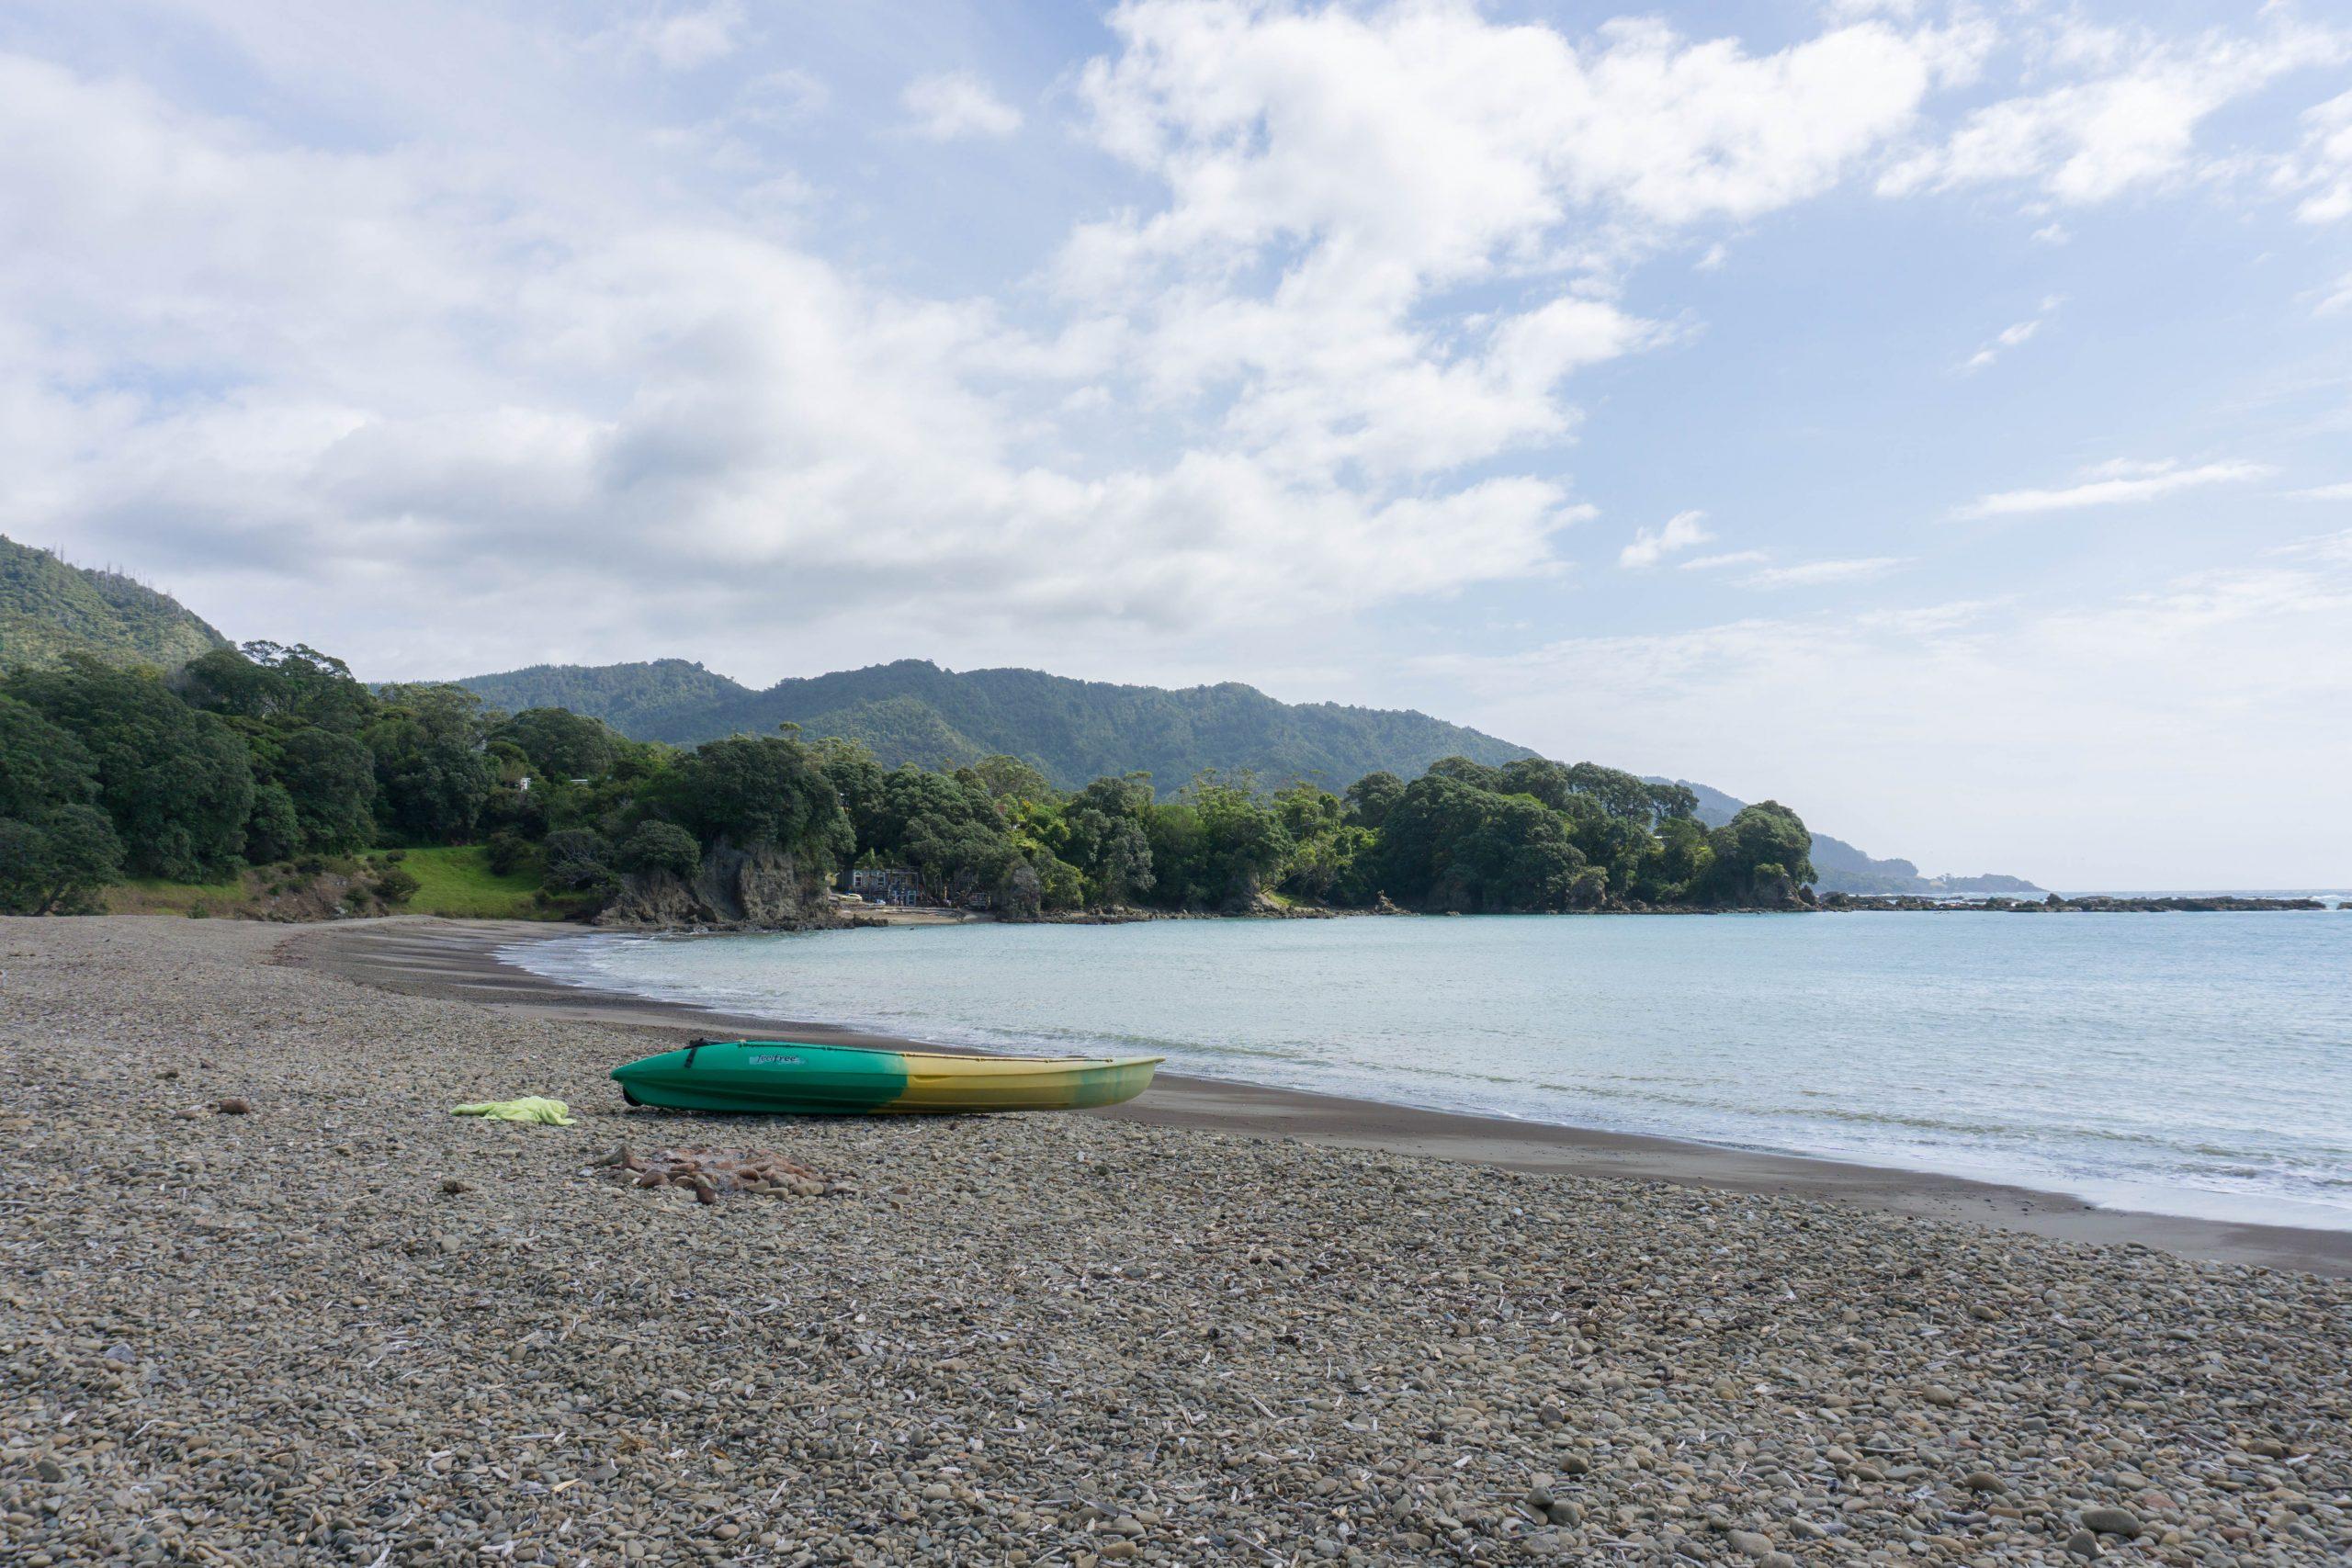 Maraehako campground beach and kayak